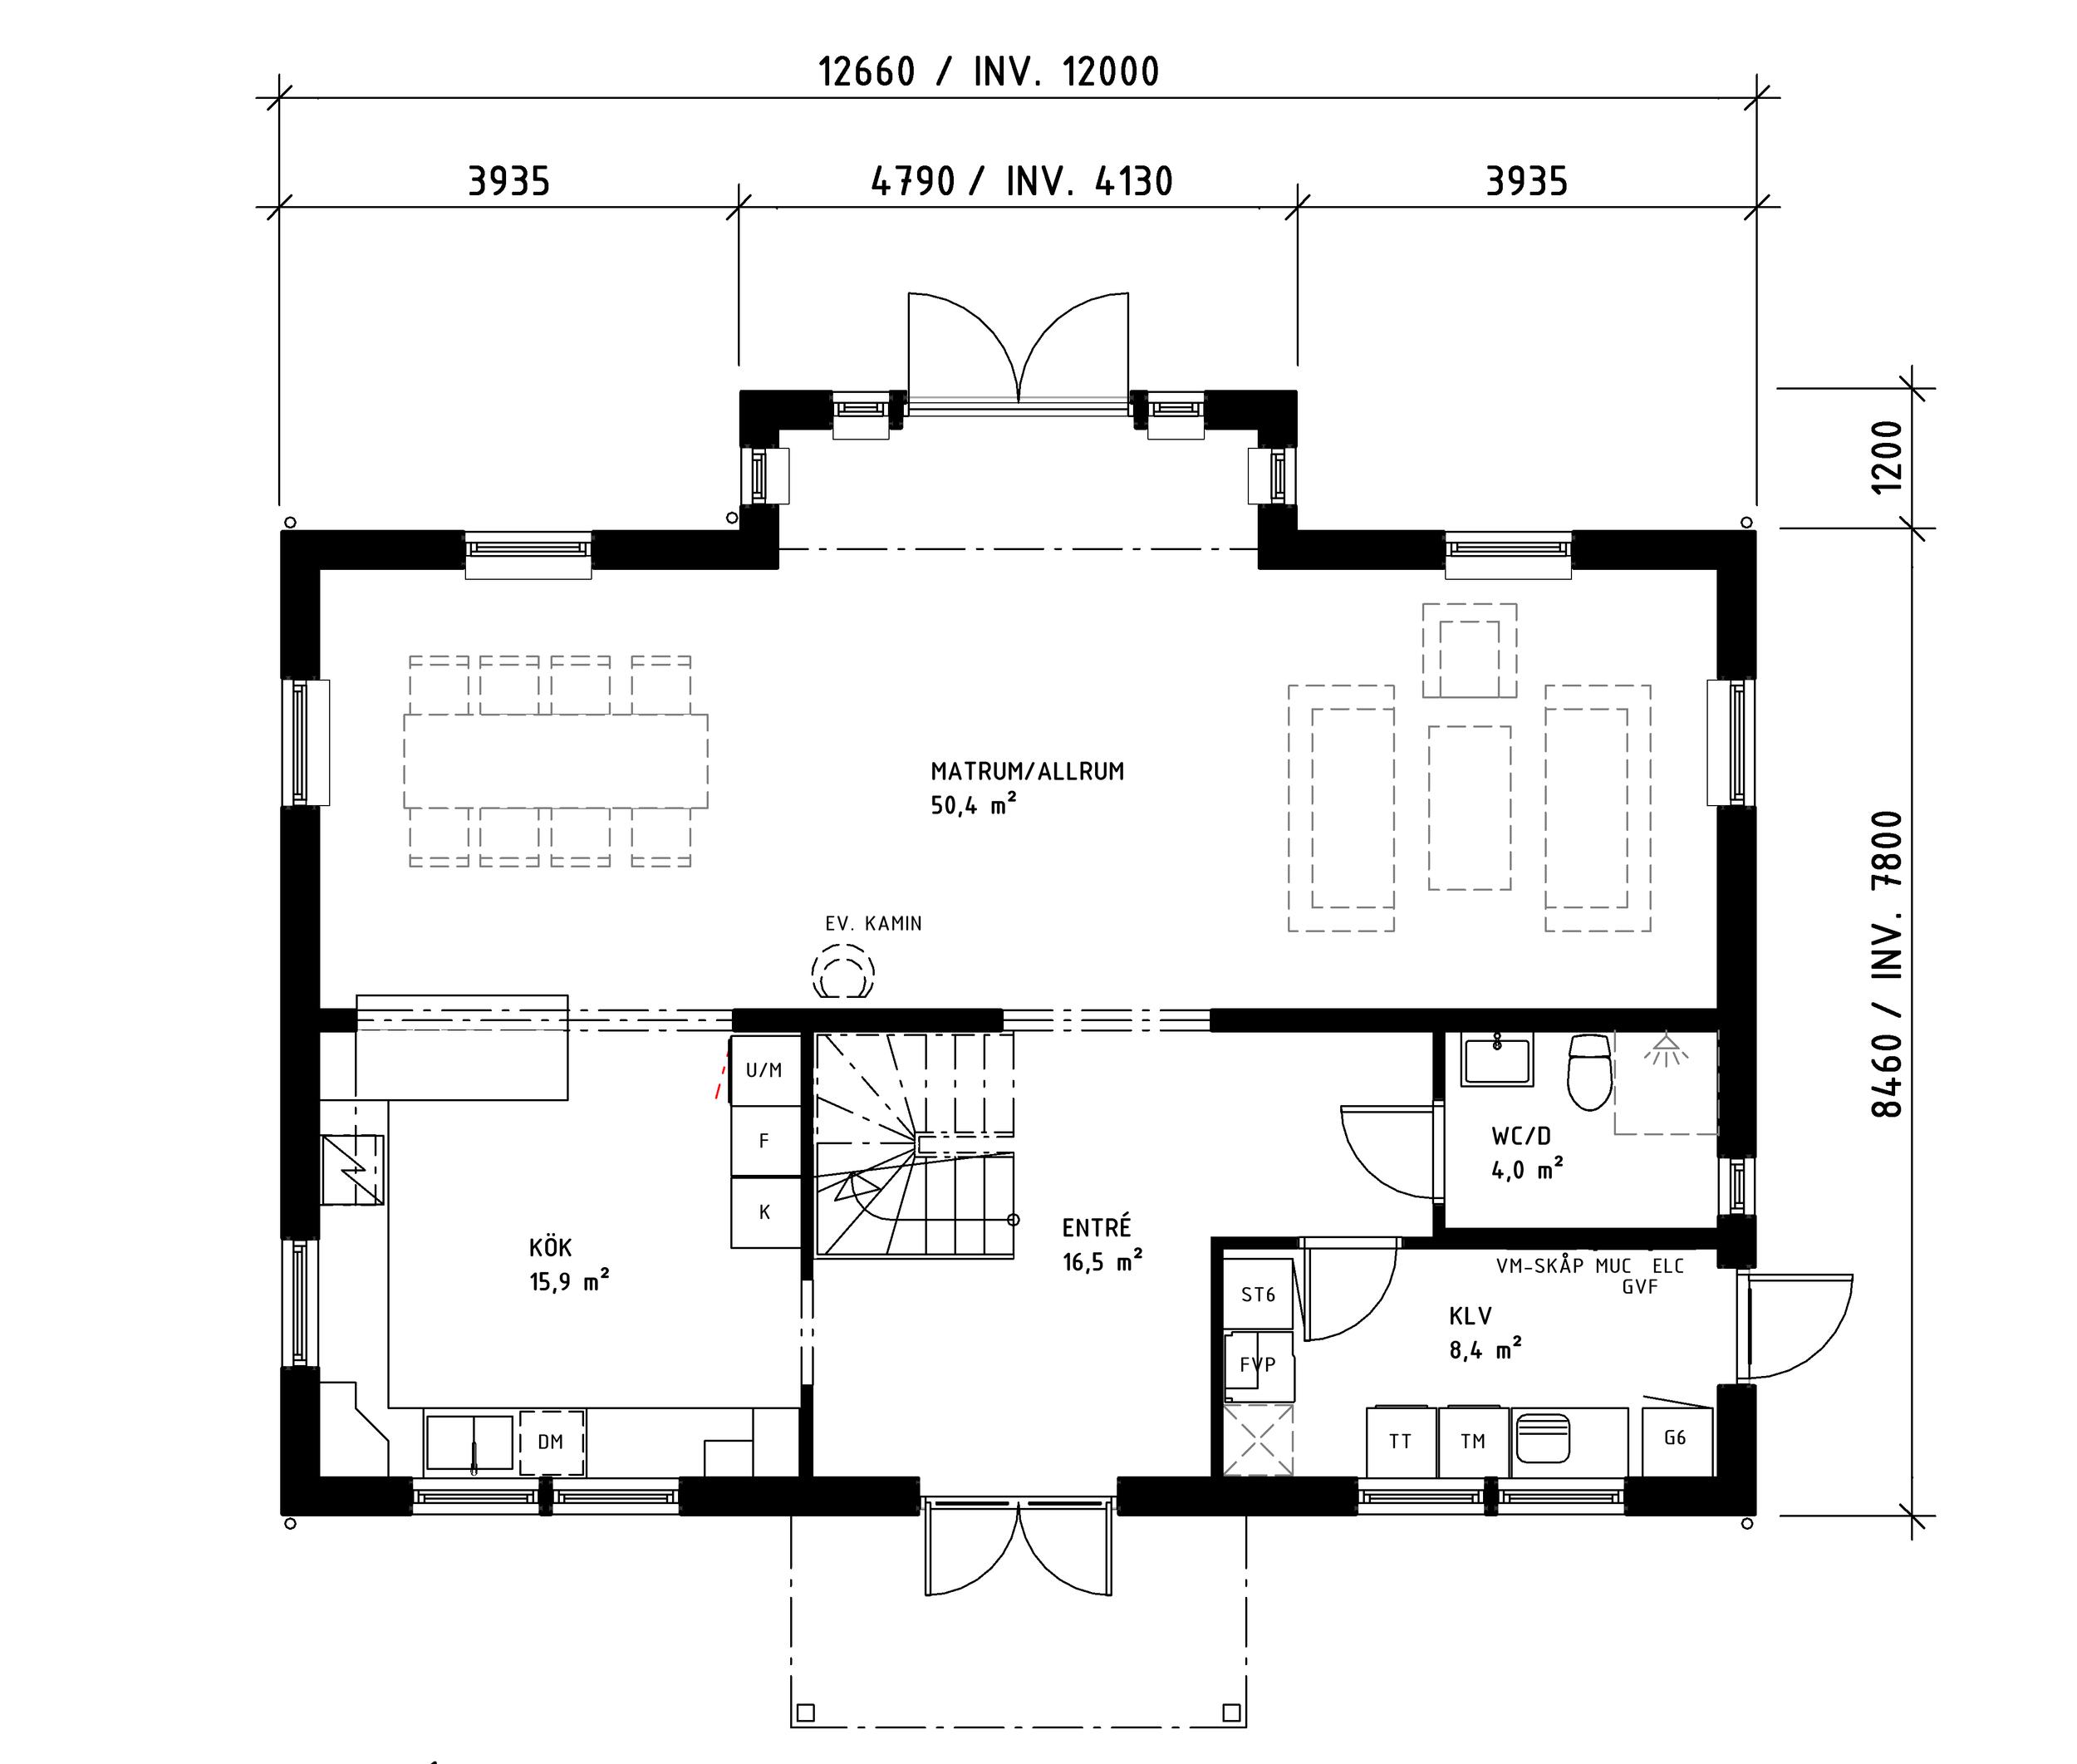 5.1.312 Solsidan plan 190820-entre.png